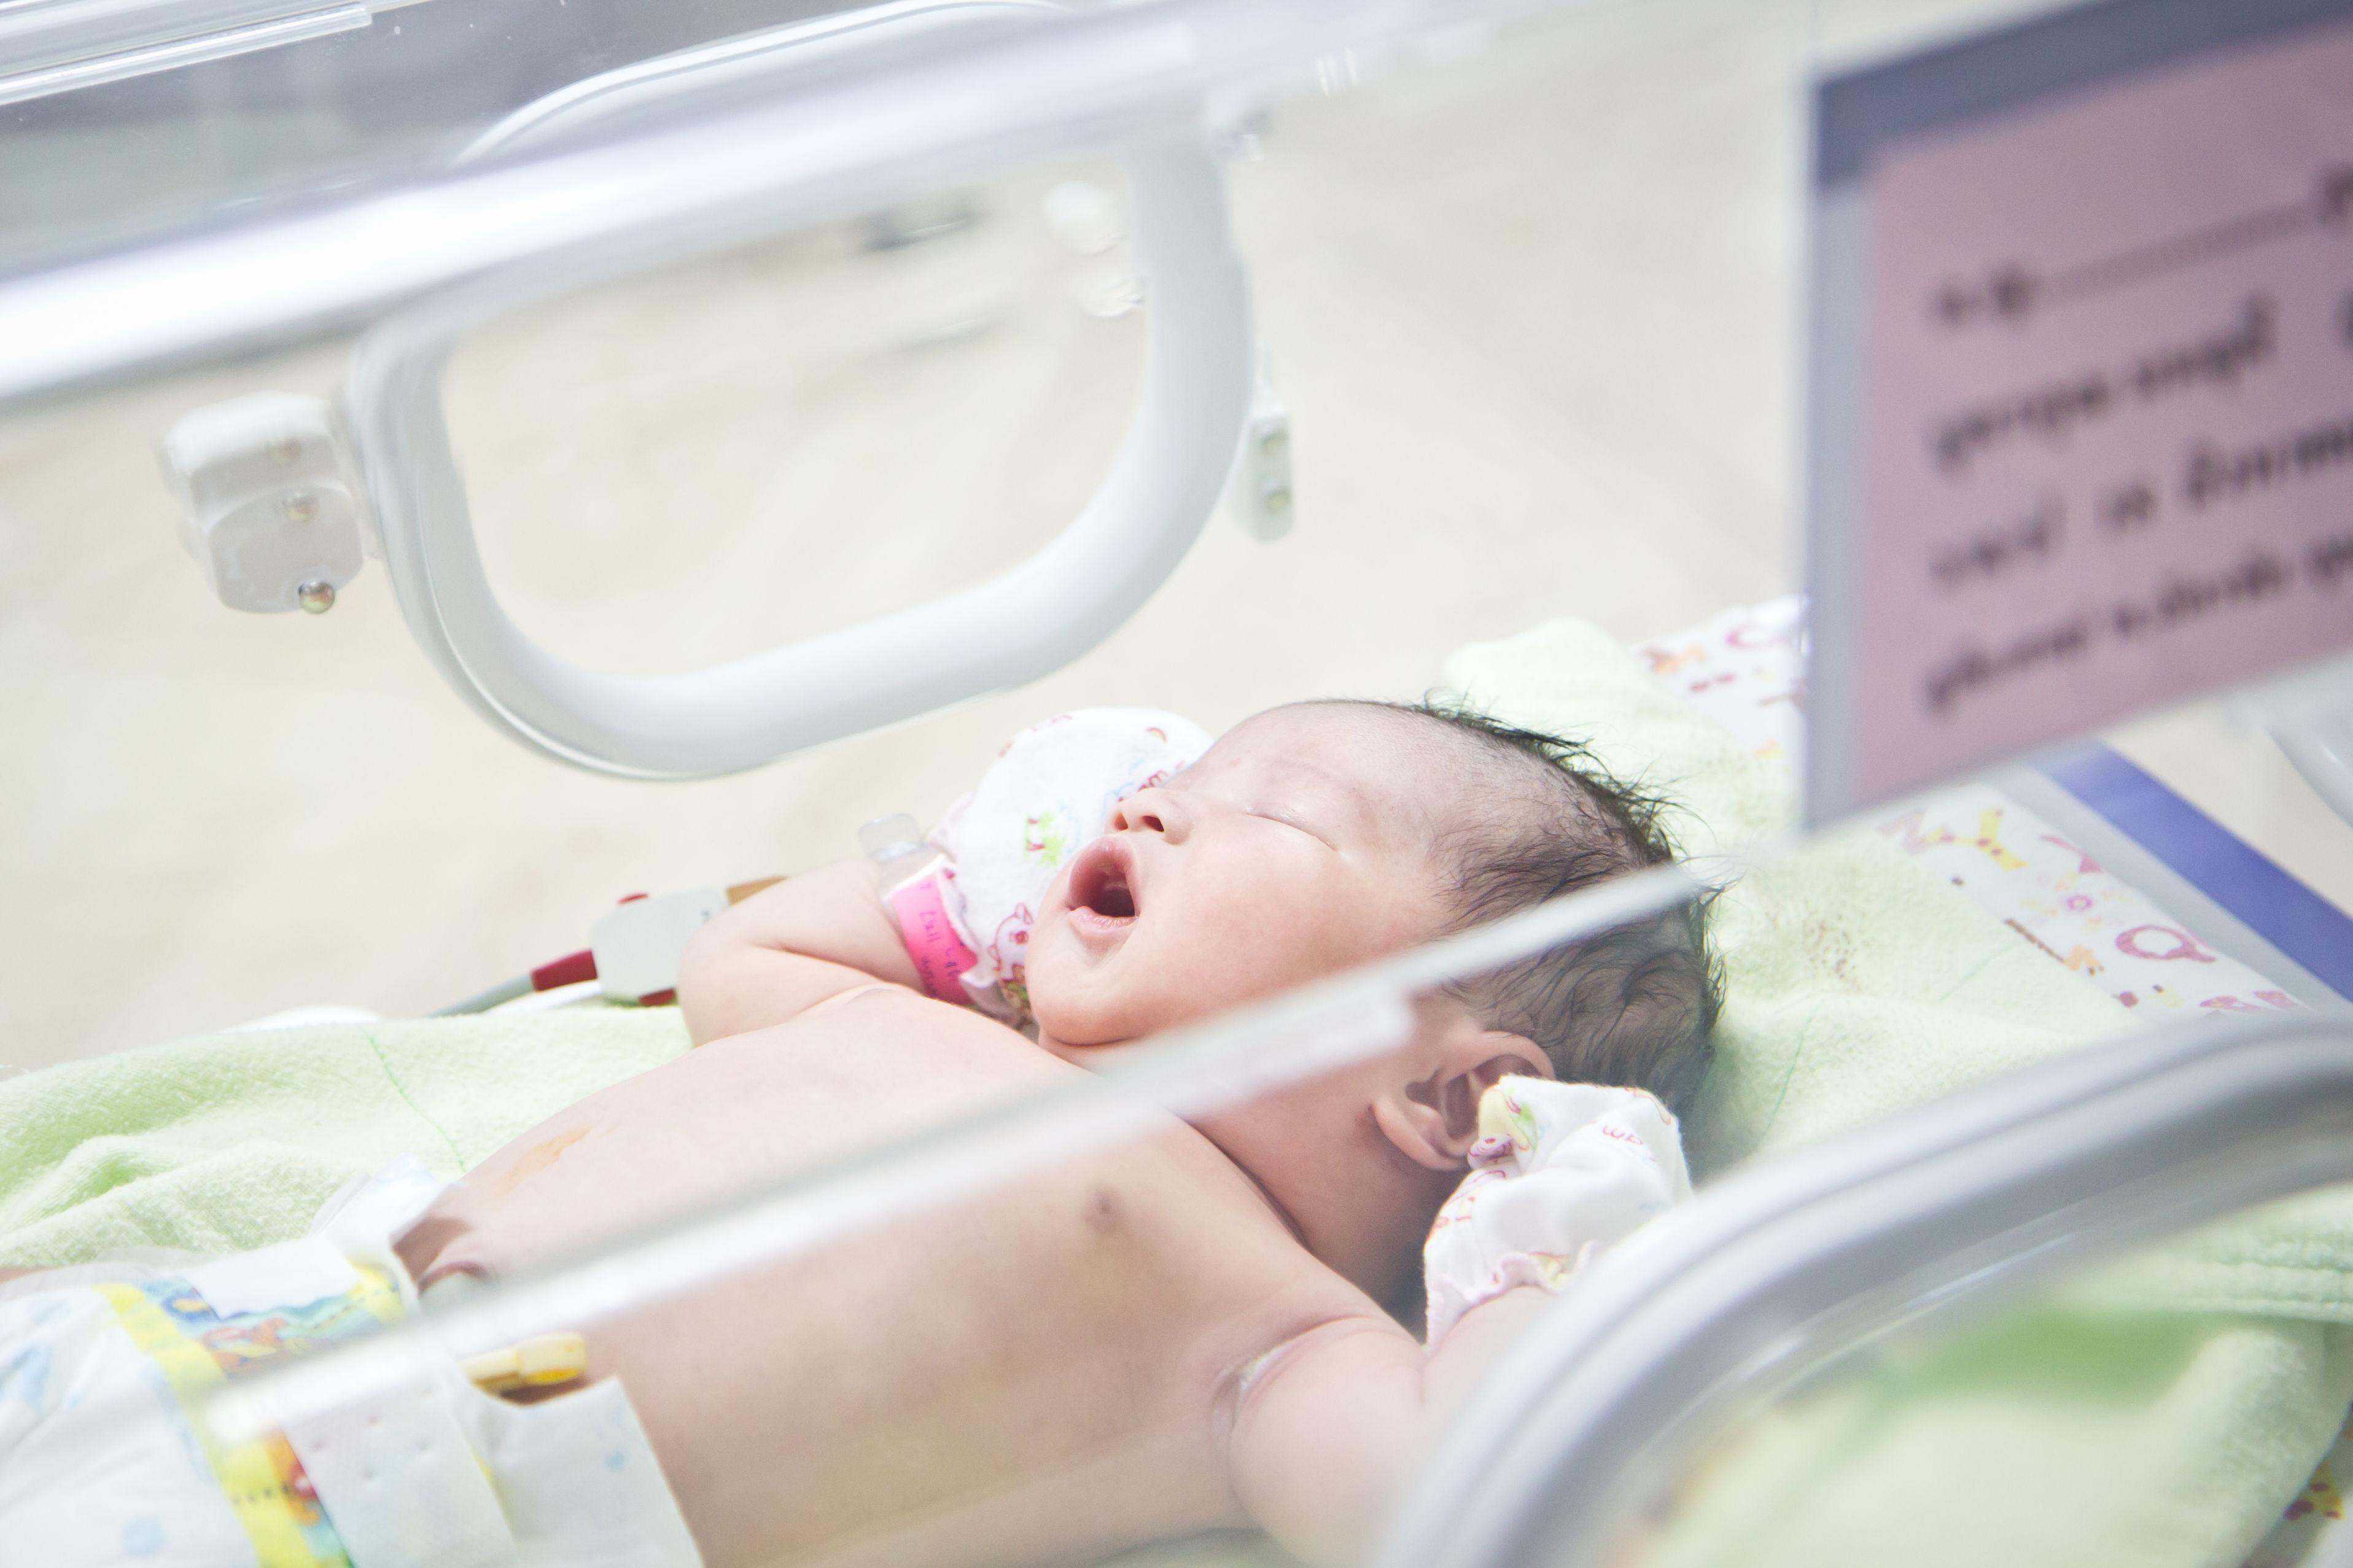 9 de cada 10 ingresos por bronquiolitis son de menores de un año